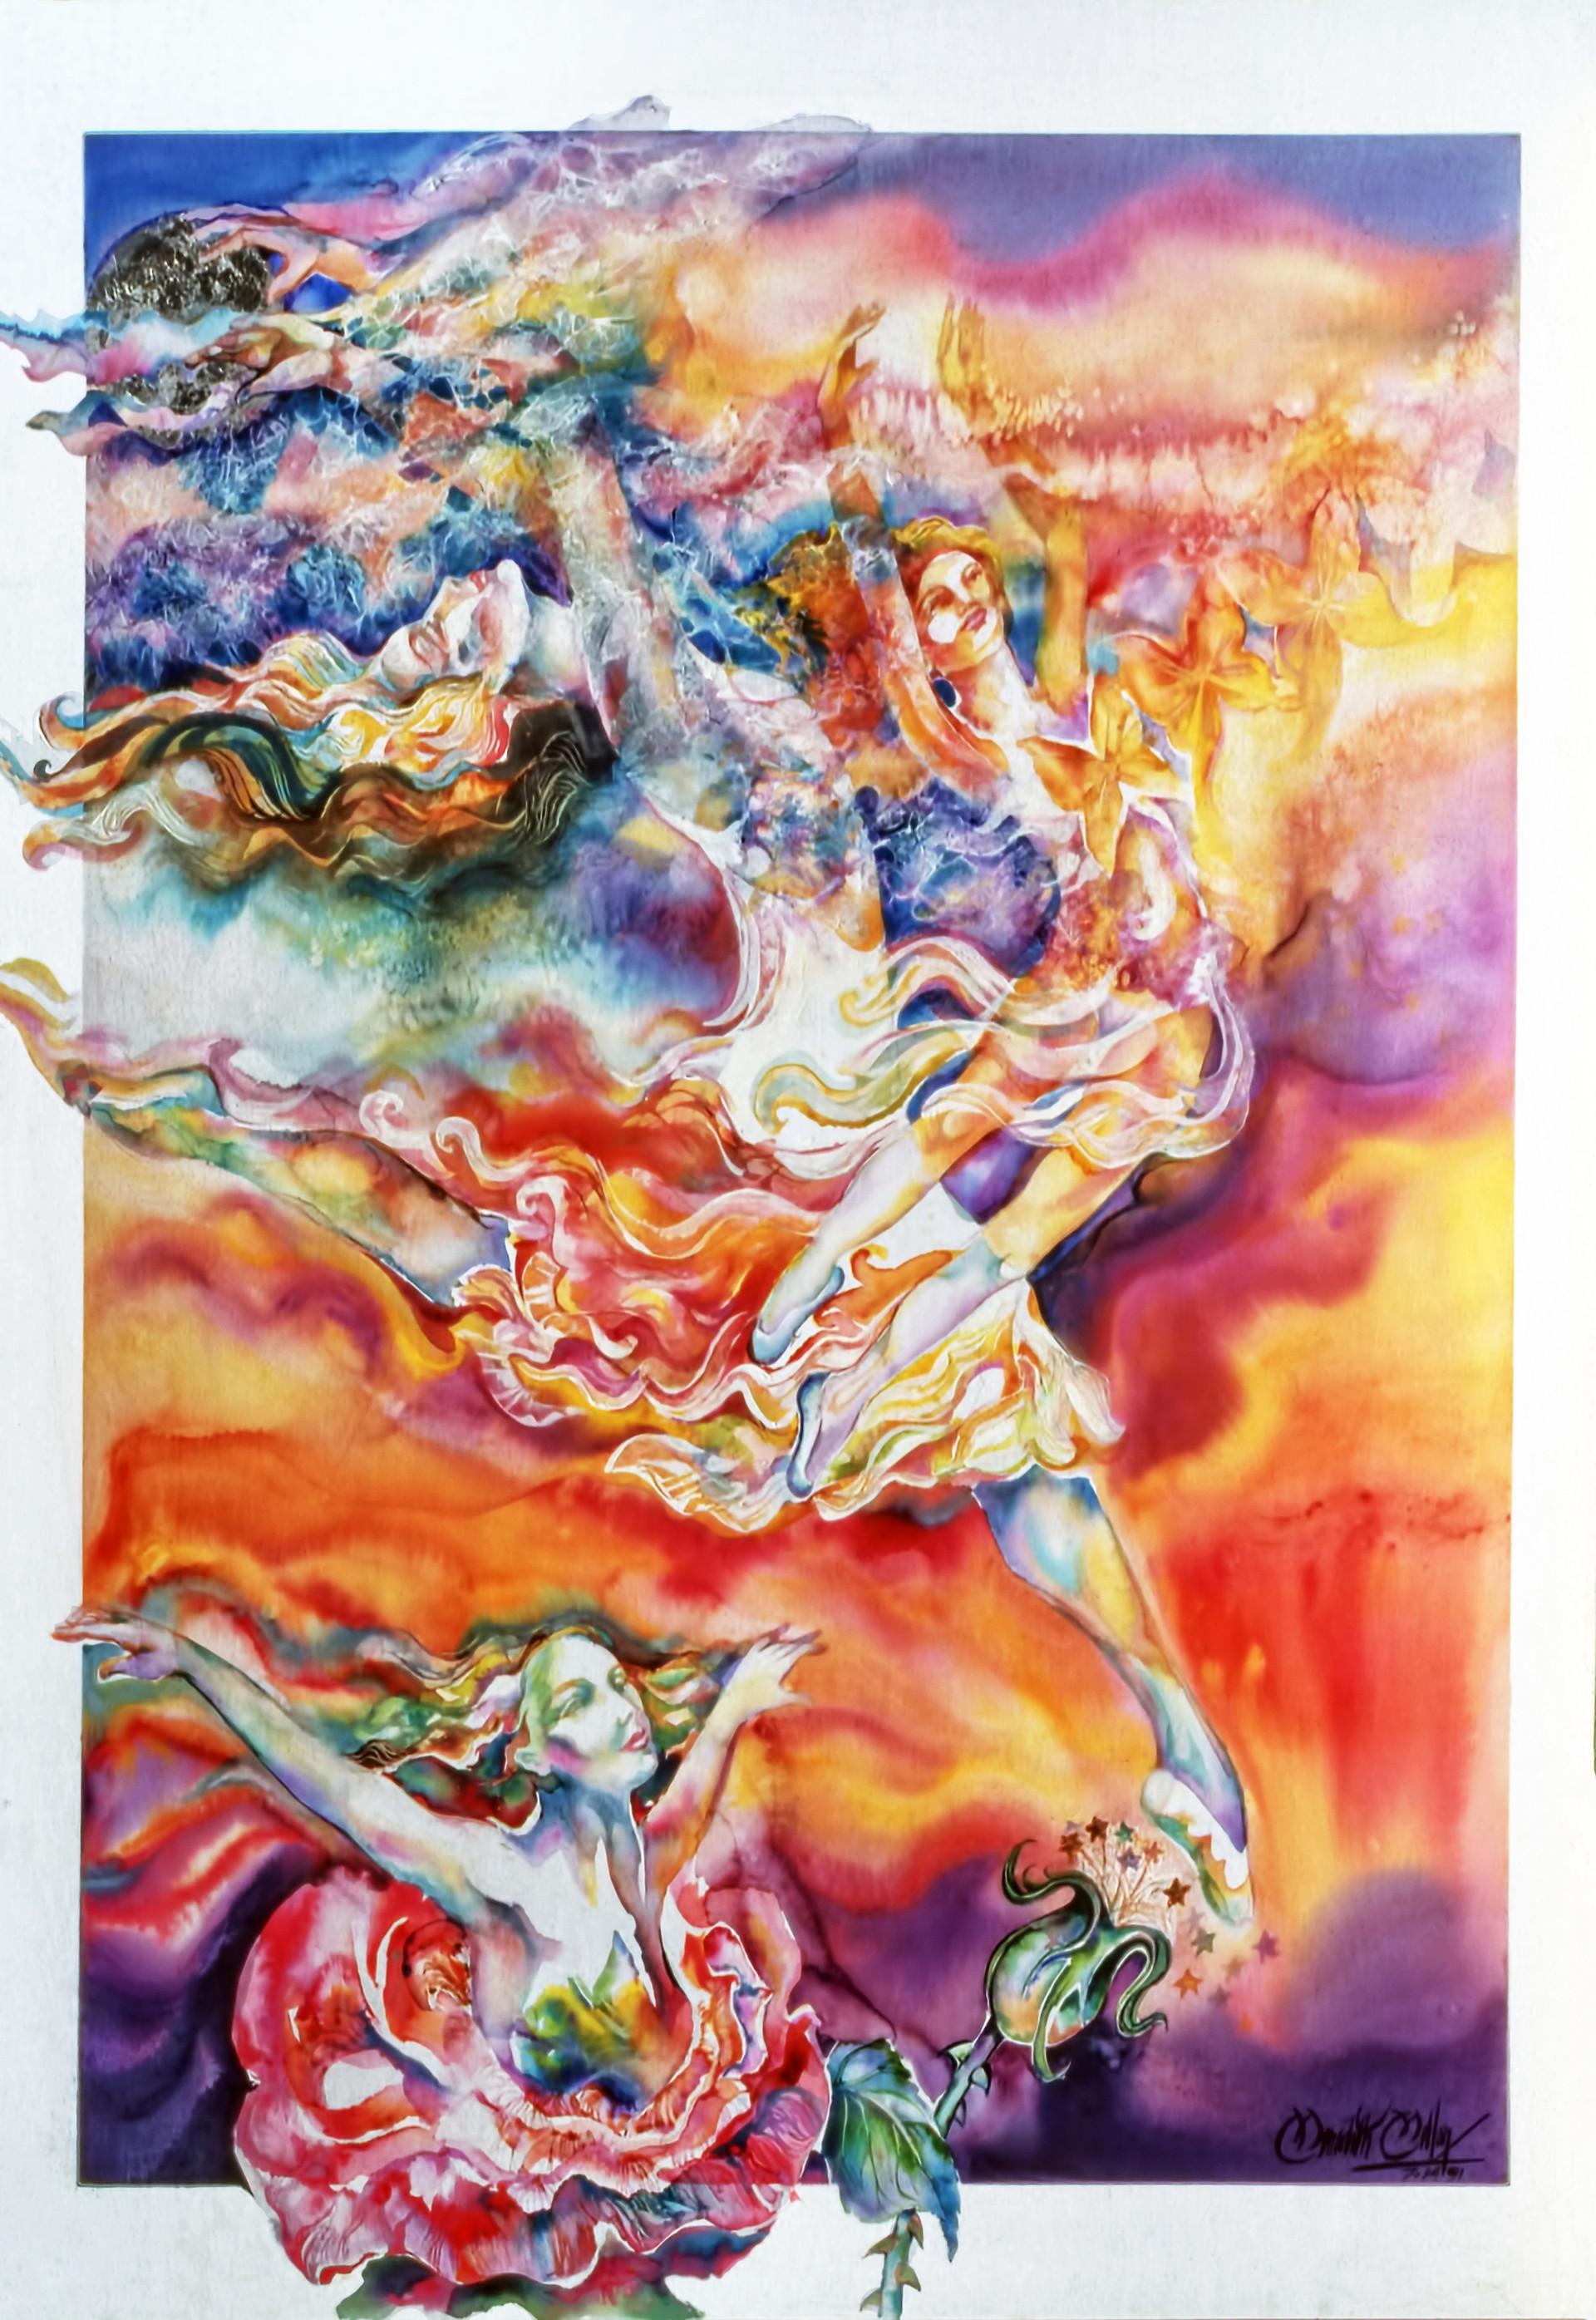 1991 - HEALING ROSE - Watercolor - 30X40